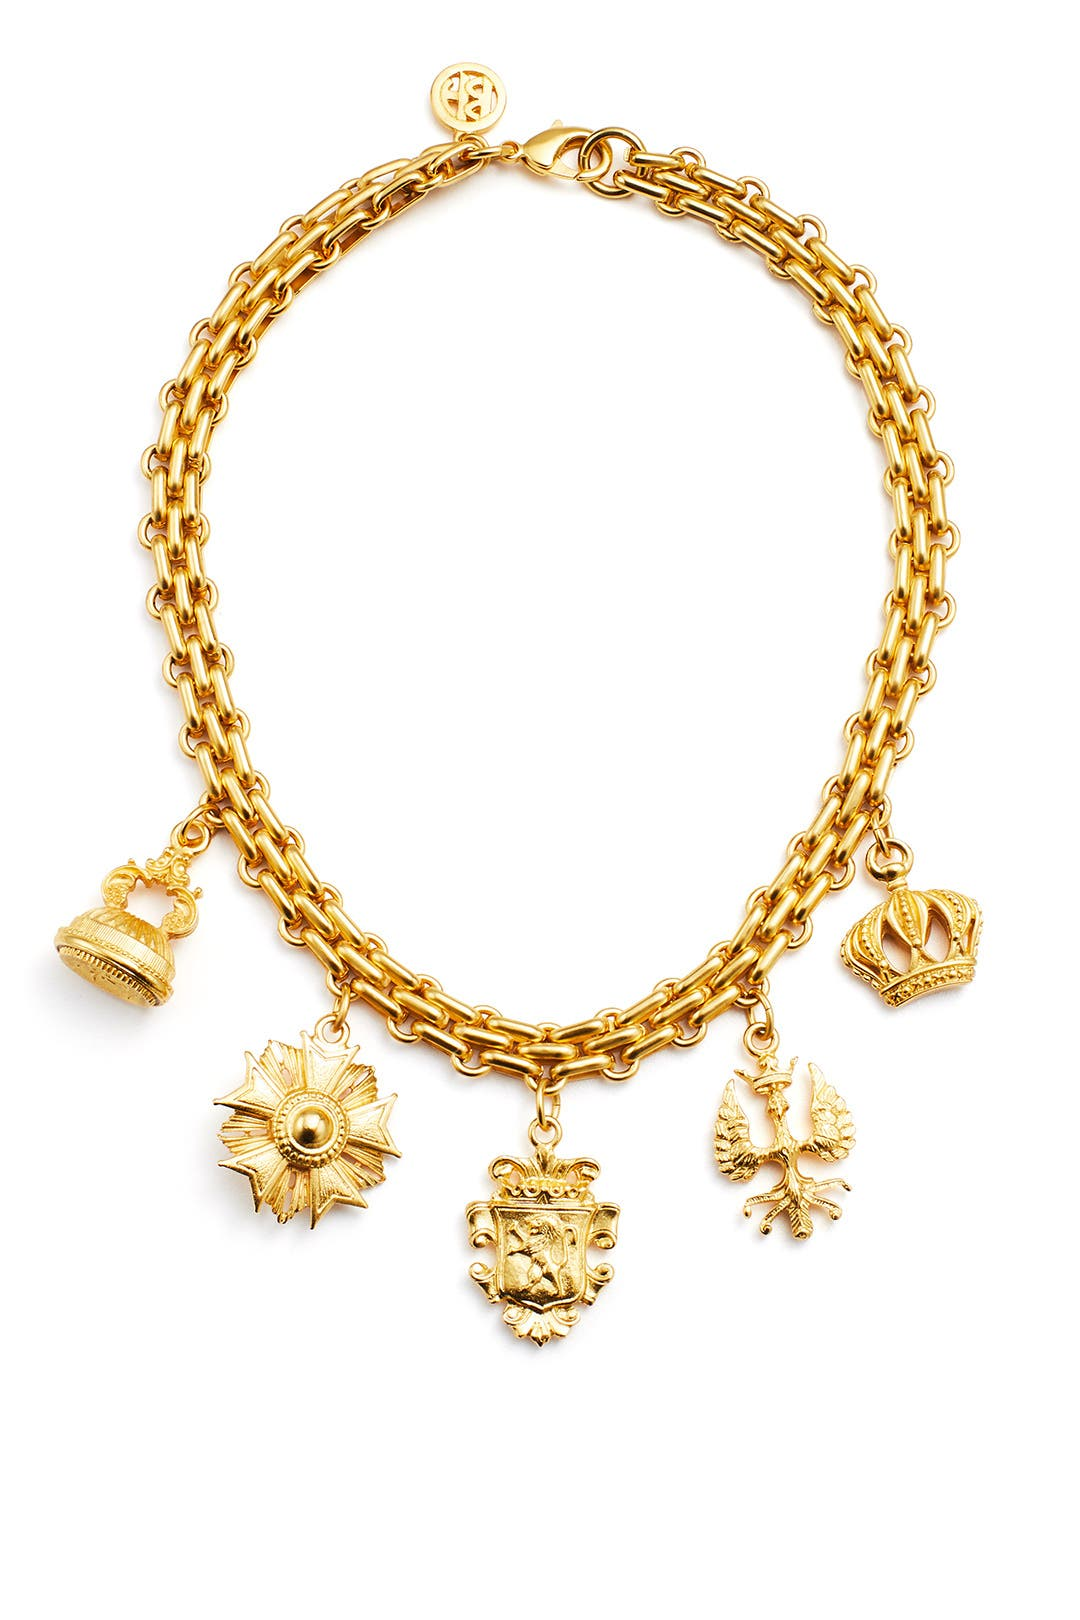 Ben-Amun Royal Locket Charm Bracelet RoddGtAfr